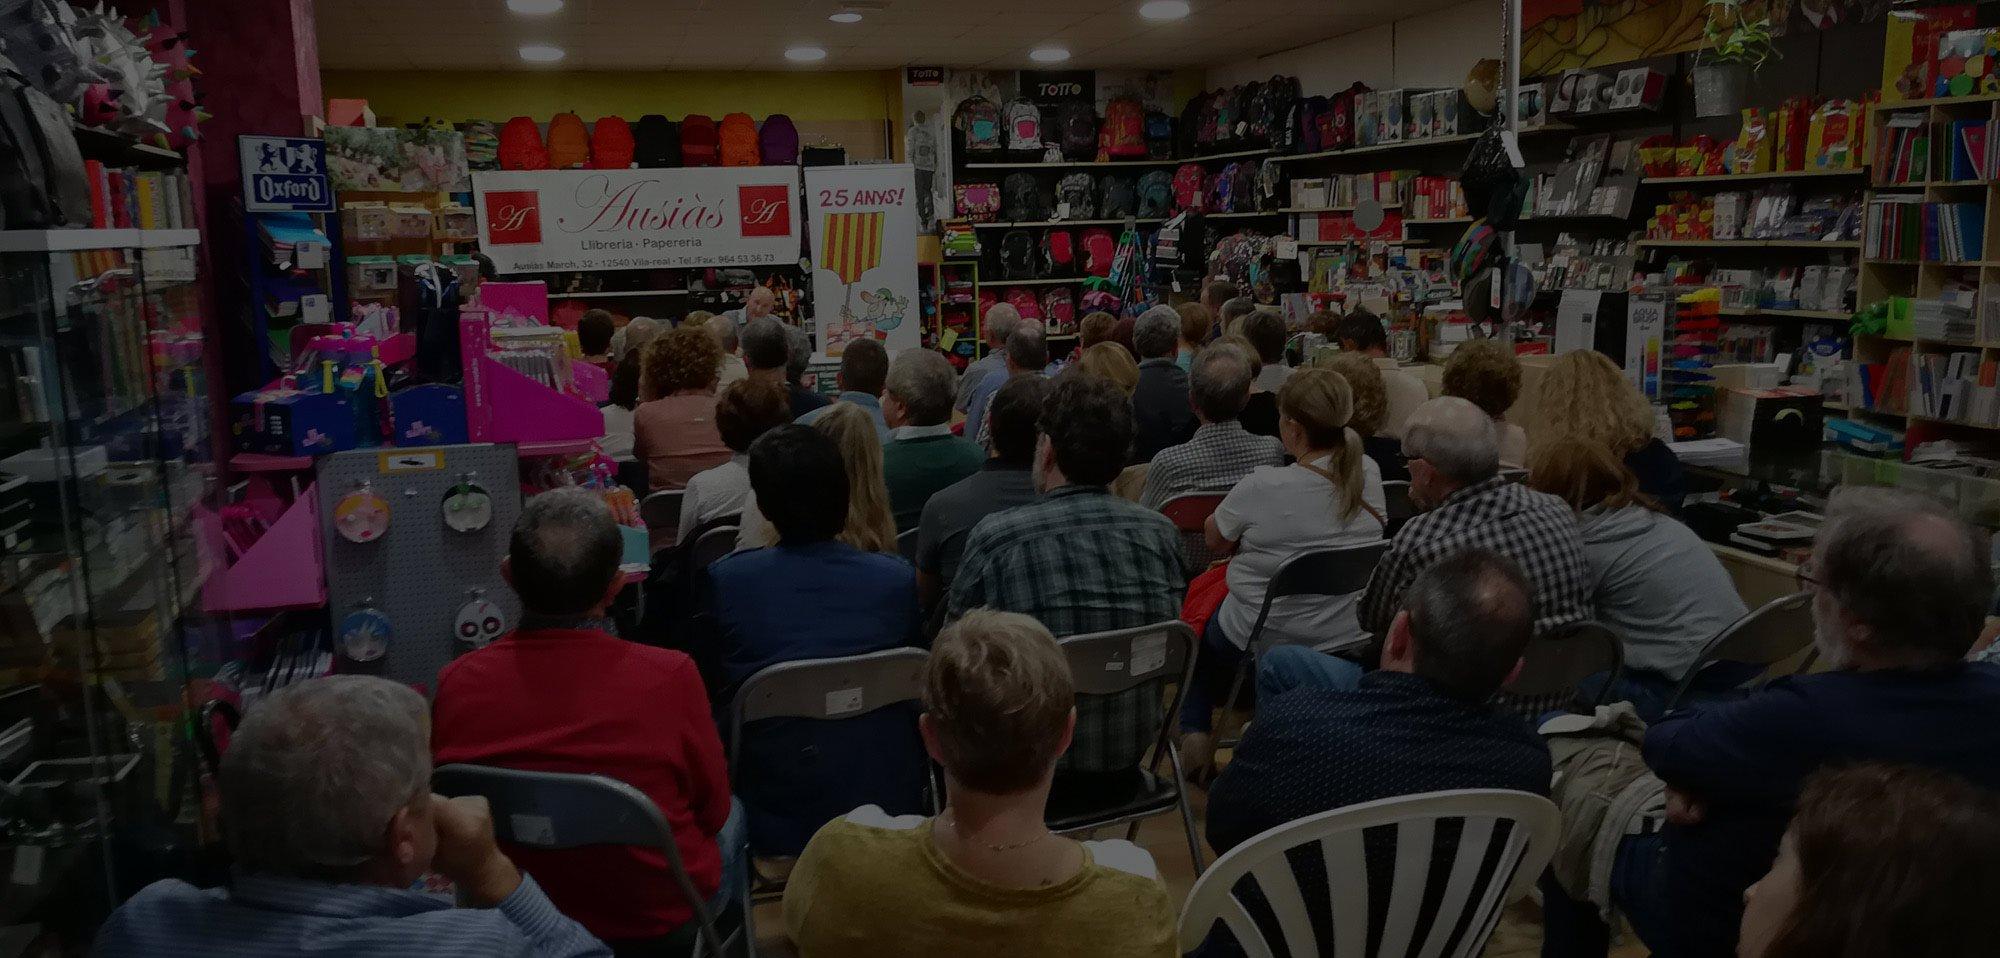 Usó presenta «El paradís a les foques» i omple de gom a gom la llibreria Ausiàs de Vila-real